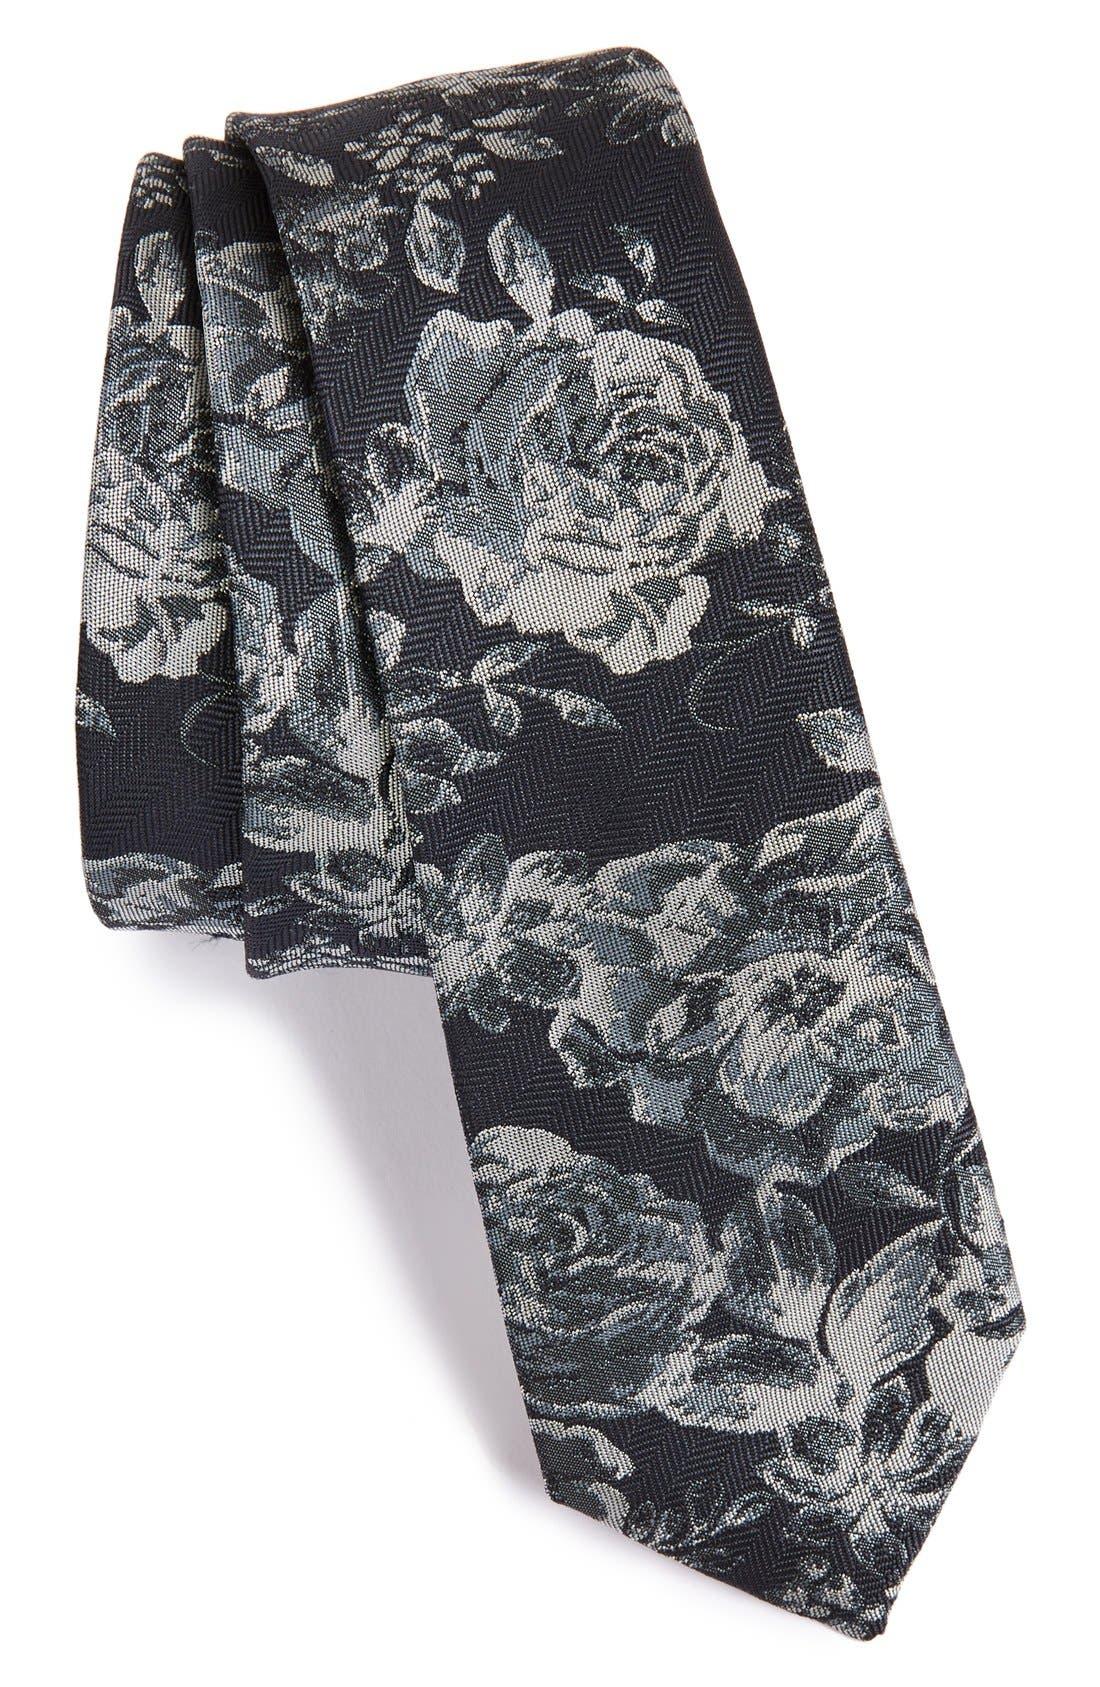 Alternate Image 1 Selected - Topman Slim Floral Woven Tie